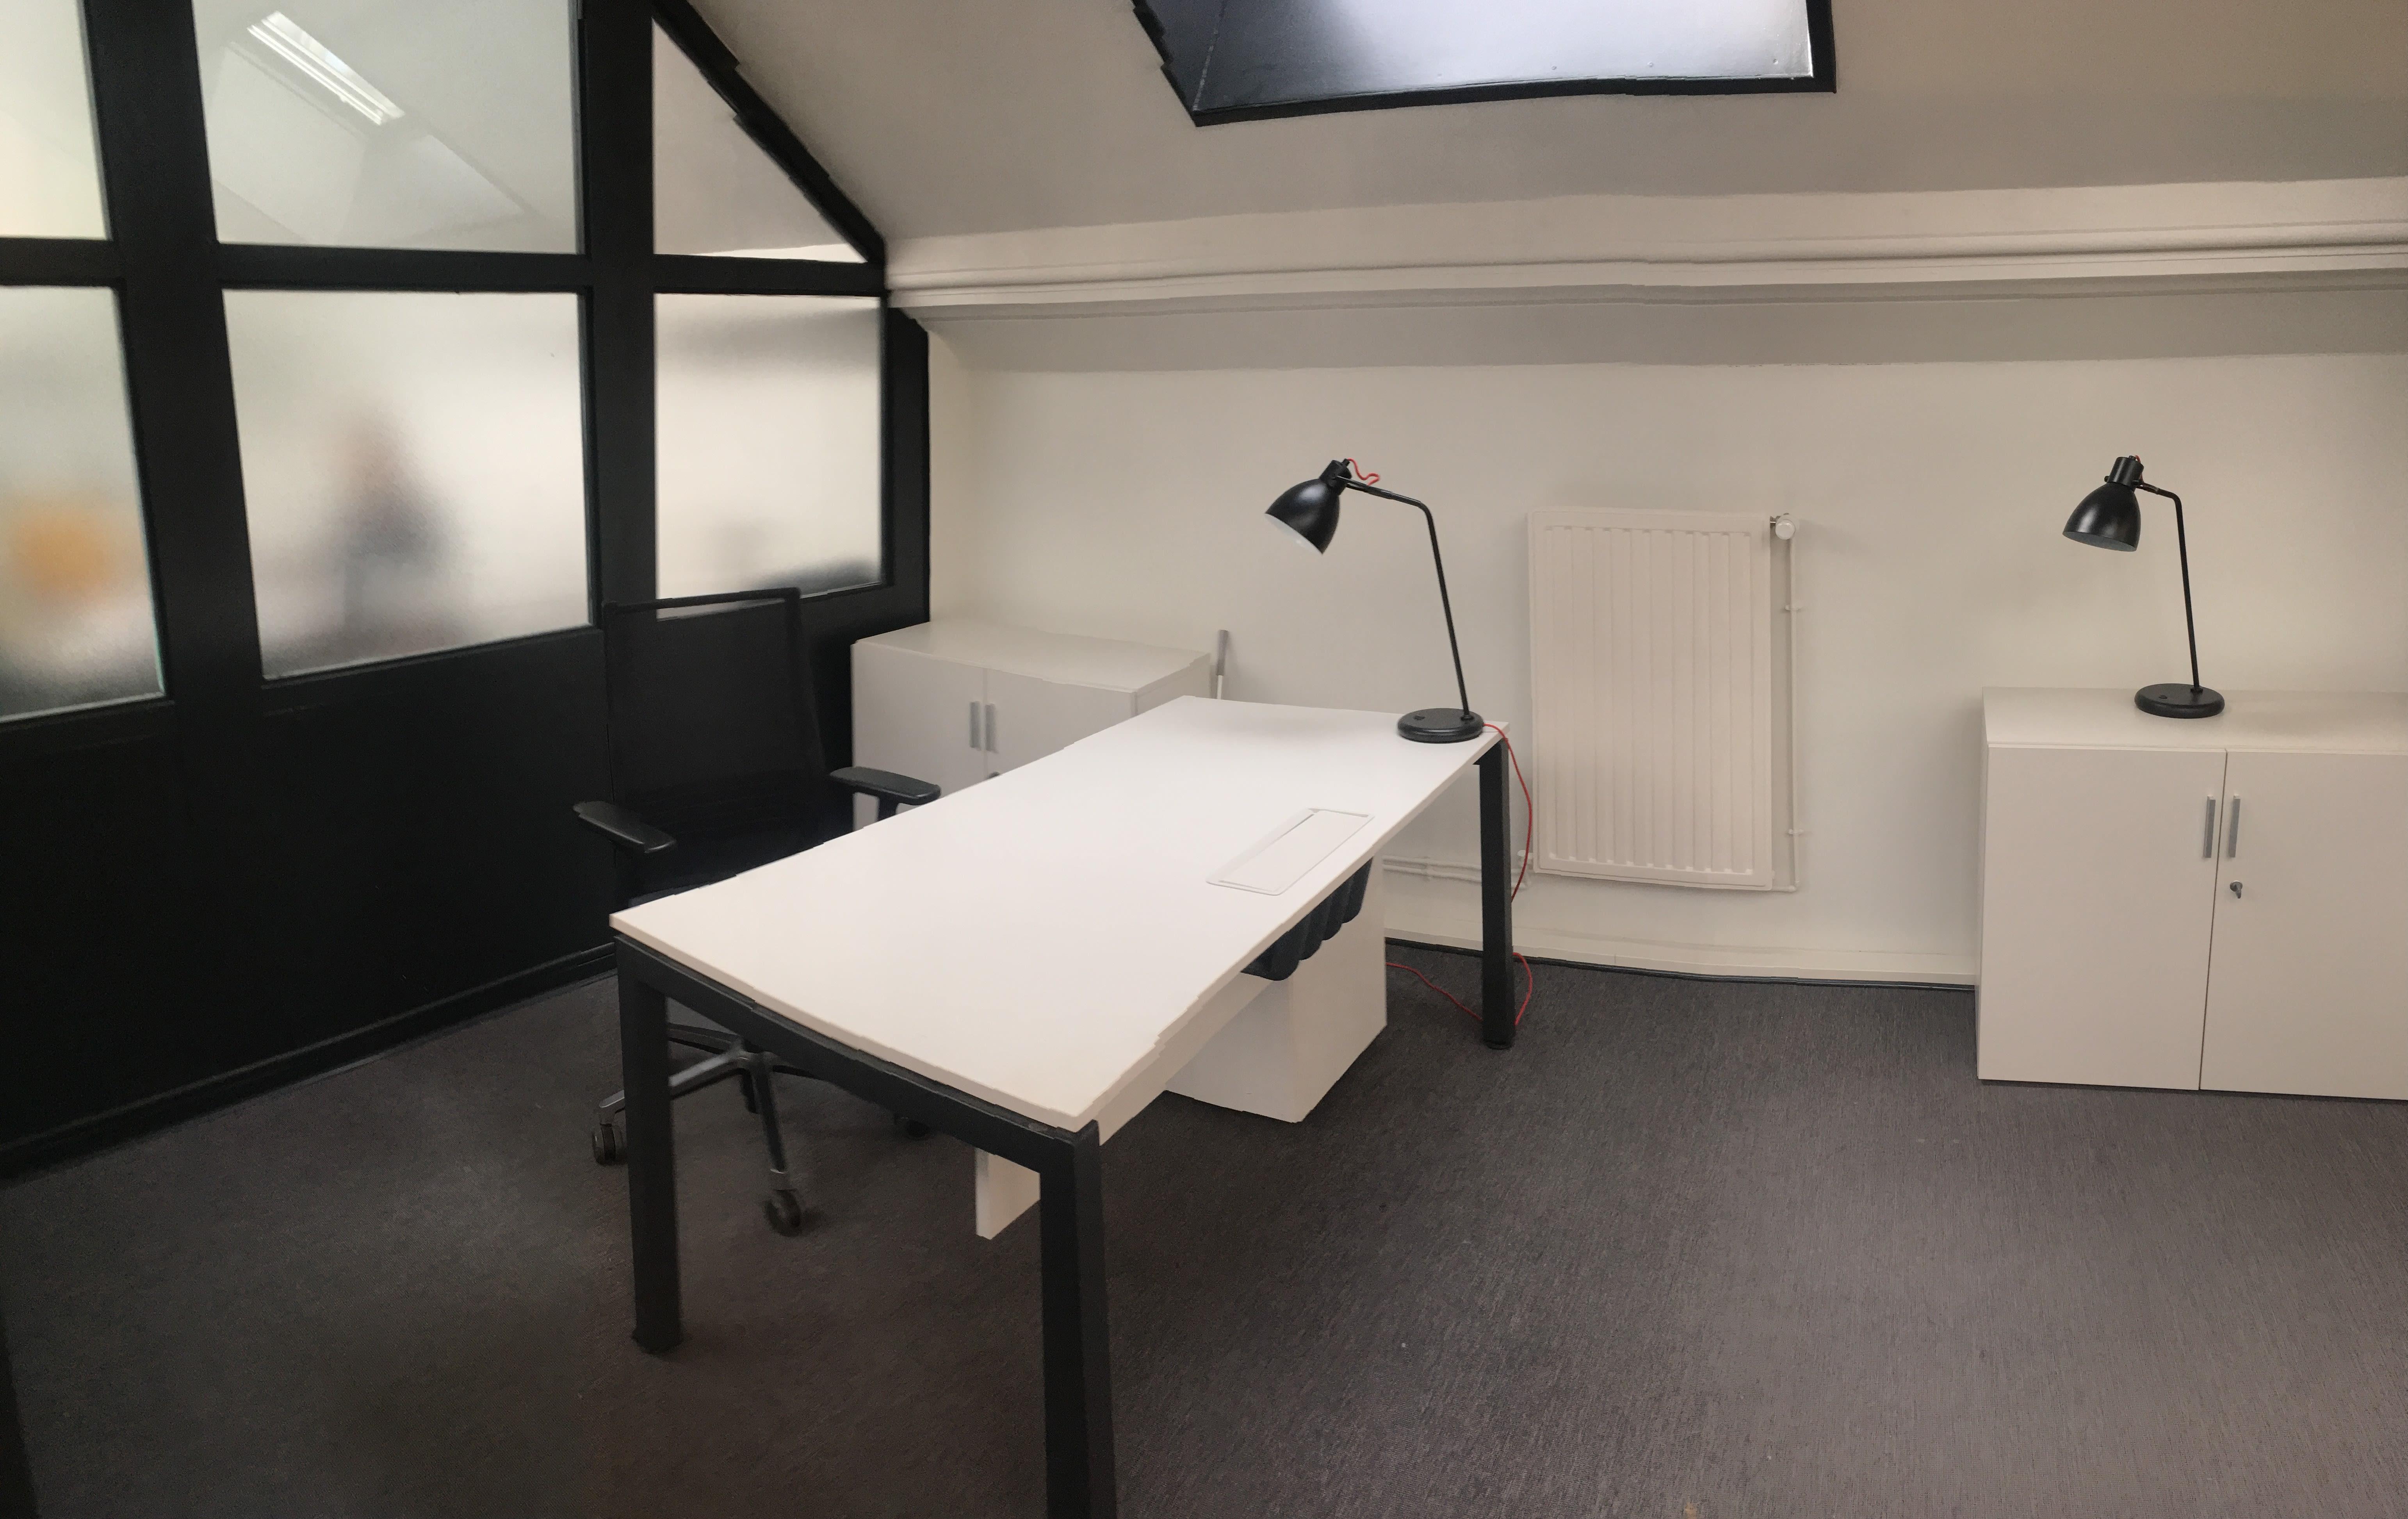 bureau privatif de 1 personne à Roubaix